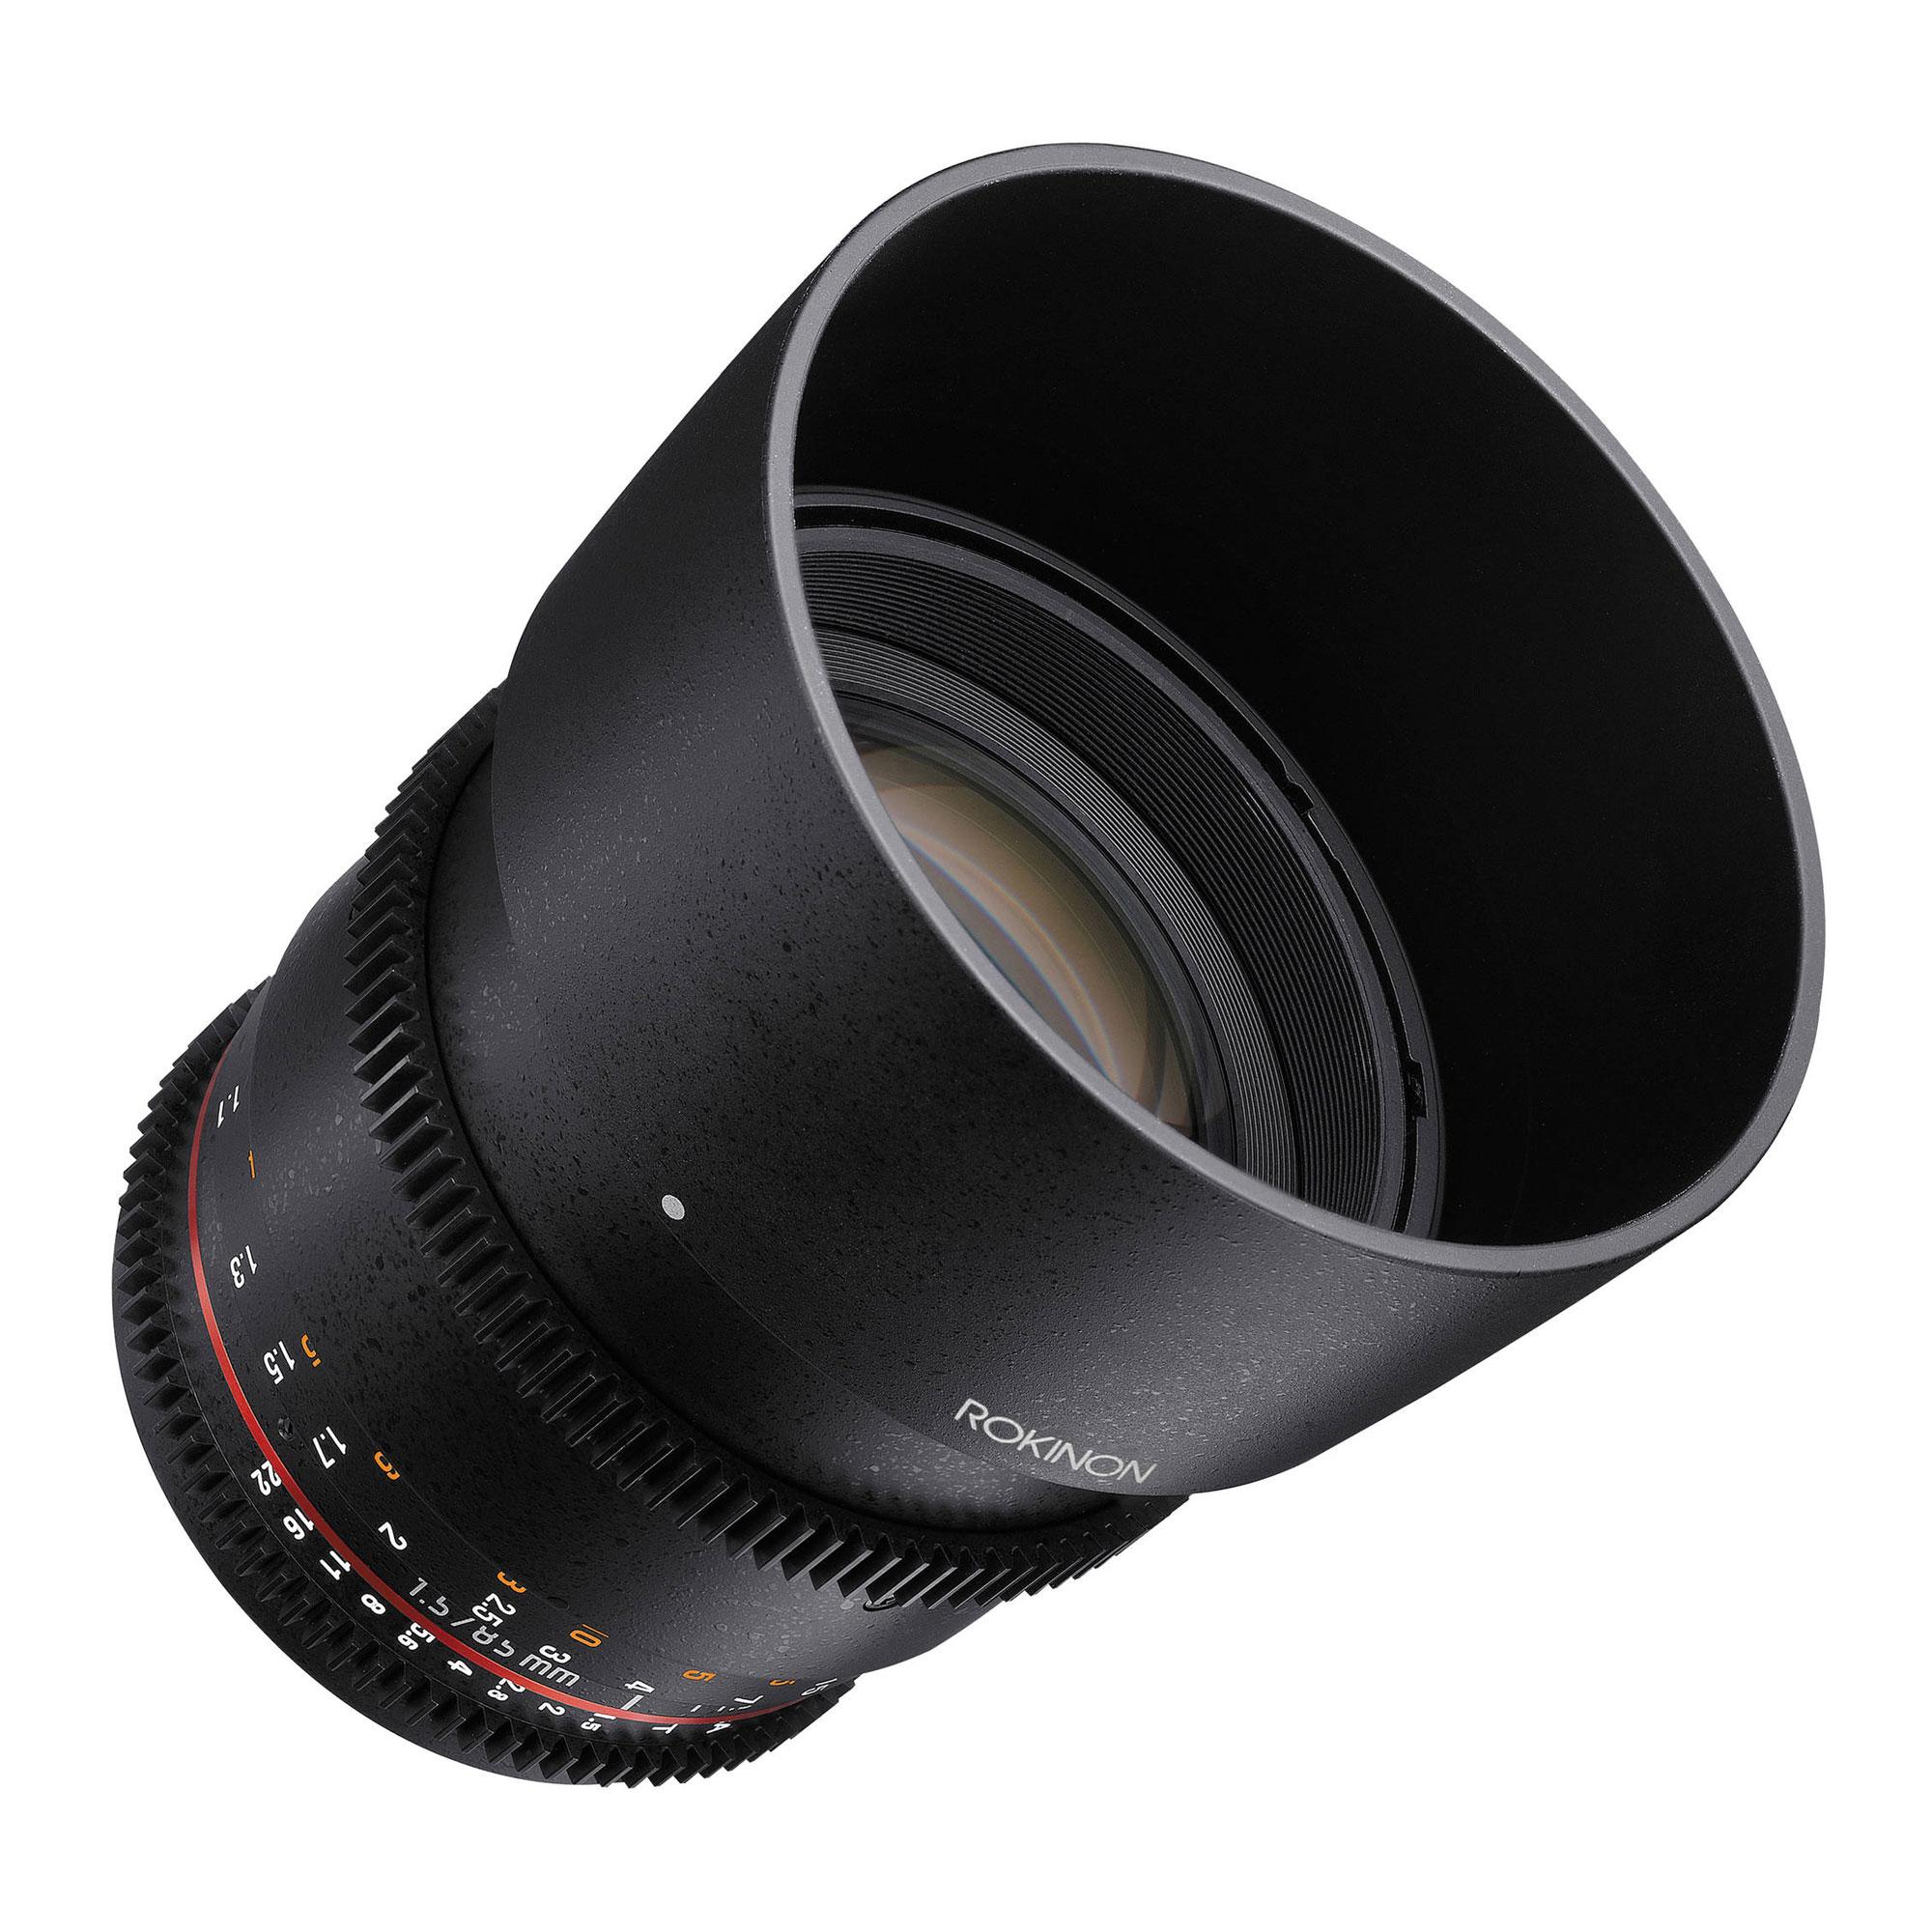 85mm T1.5 Cine DS Lens for Nikon F Mount